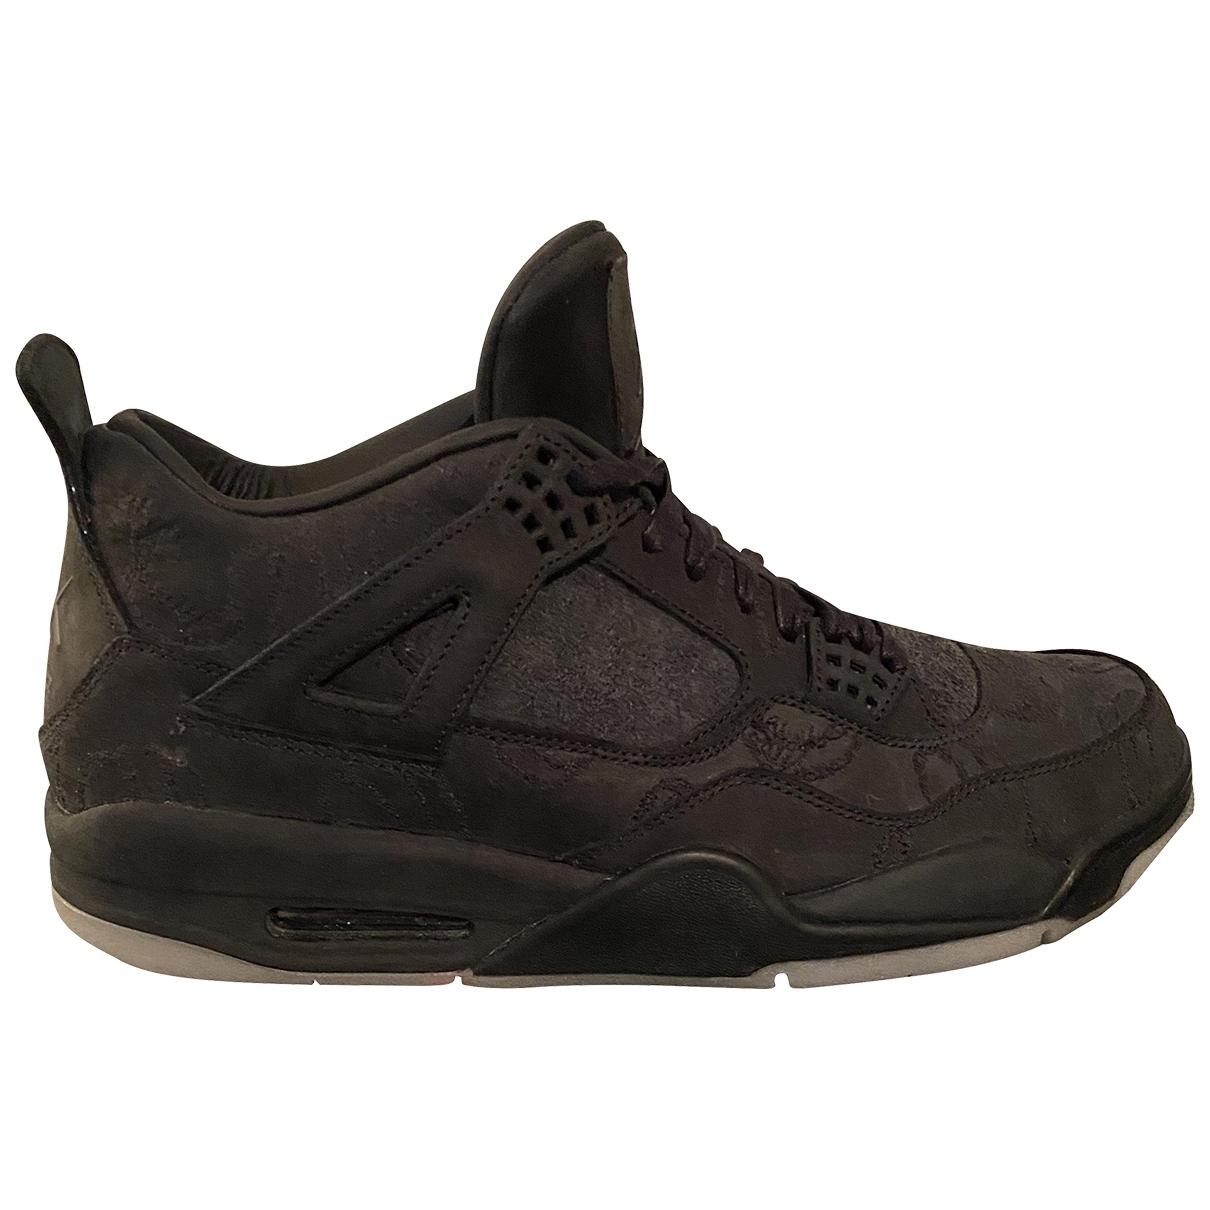 Jordan - Baskets Air Jordan 4 pour homme en cuir - noir